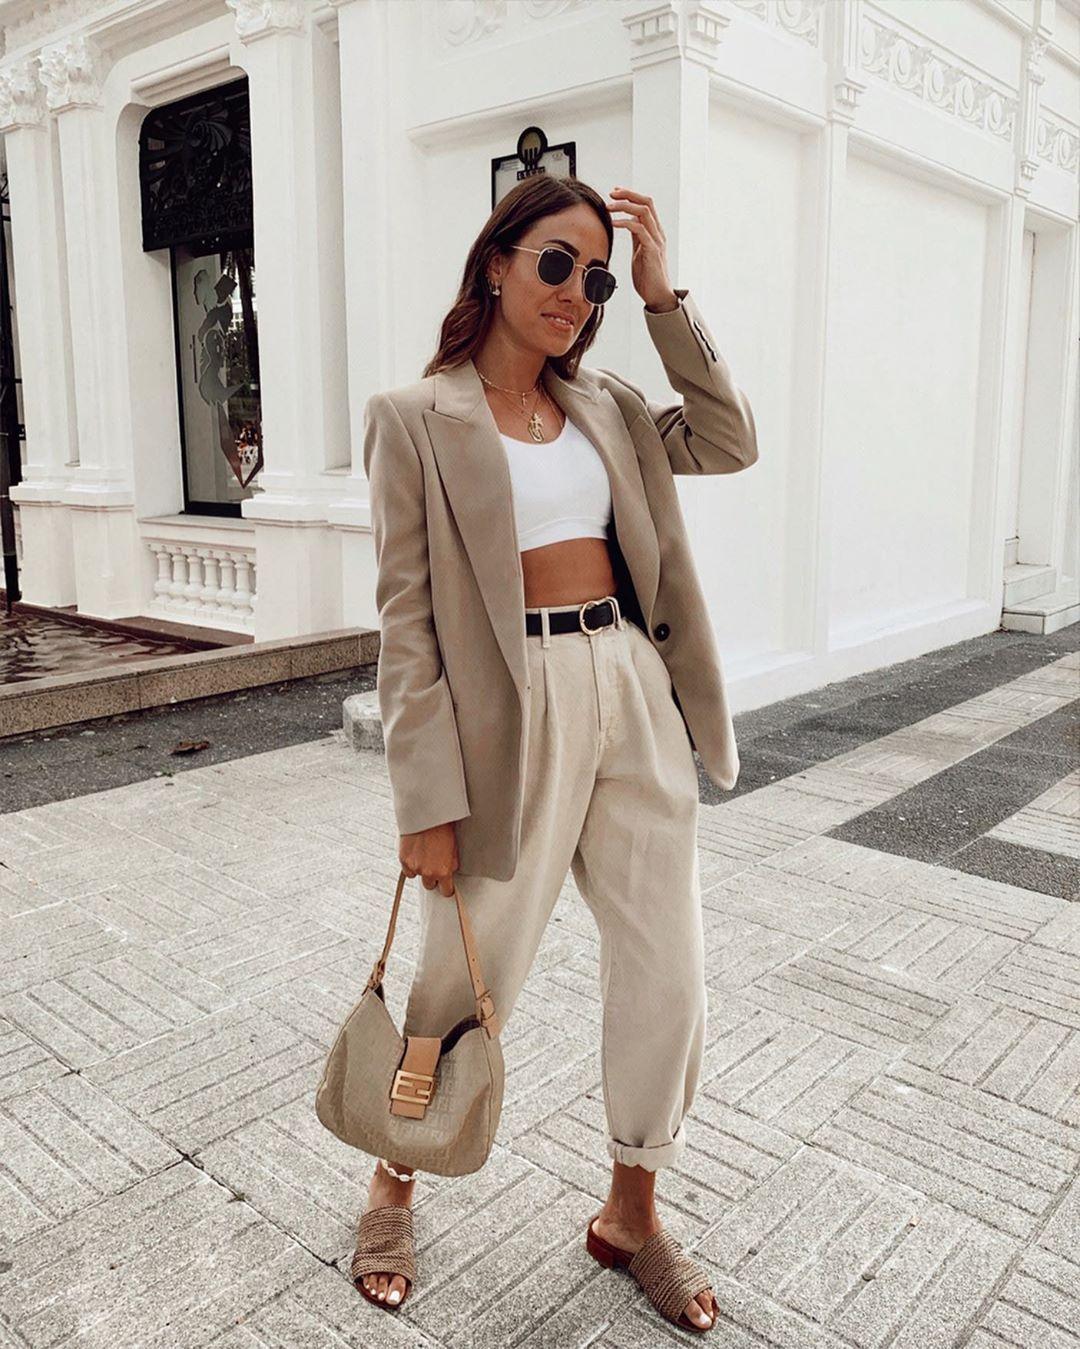 El pantalón de Zara que triunfa en Instagram - Zara slouchy